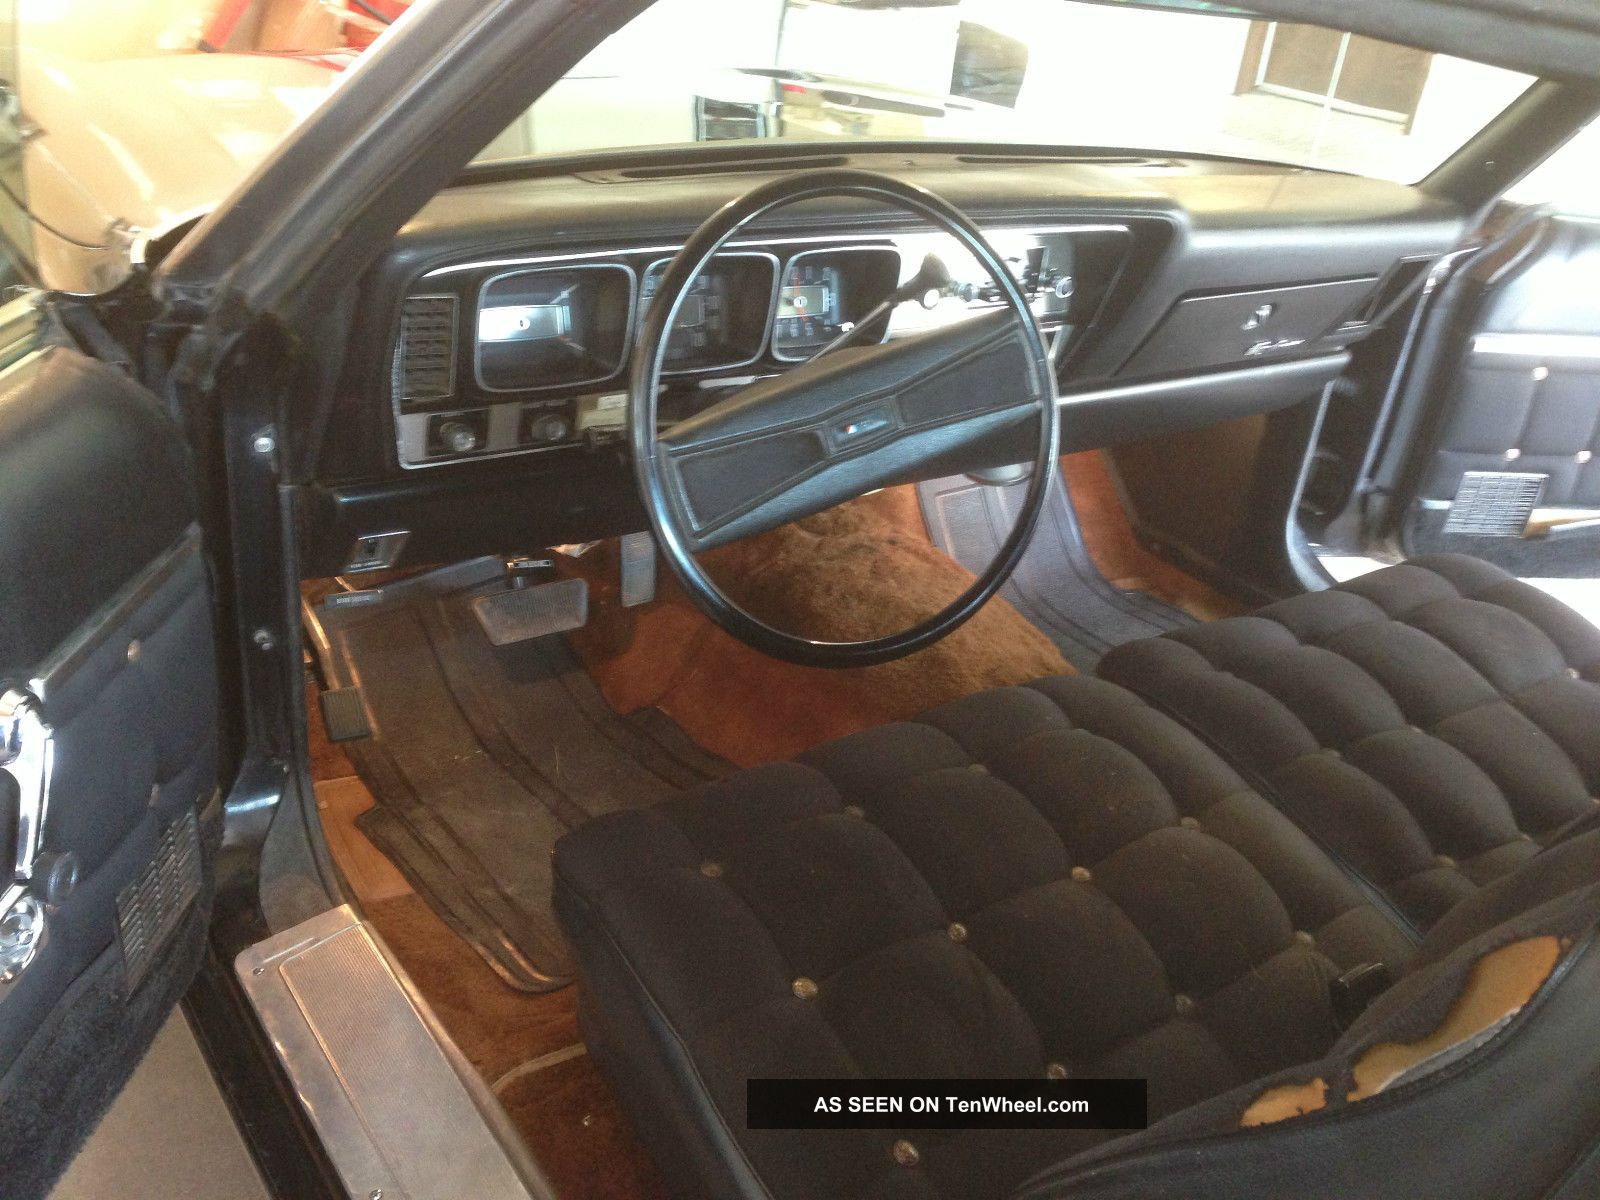 1974 Amc Matador 2 Door Coupe Oleg Cassini 401 Cu. In. Factory